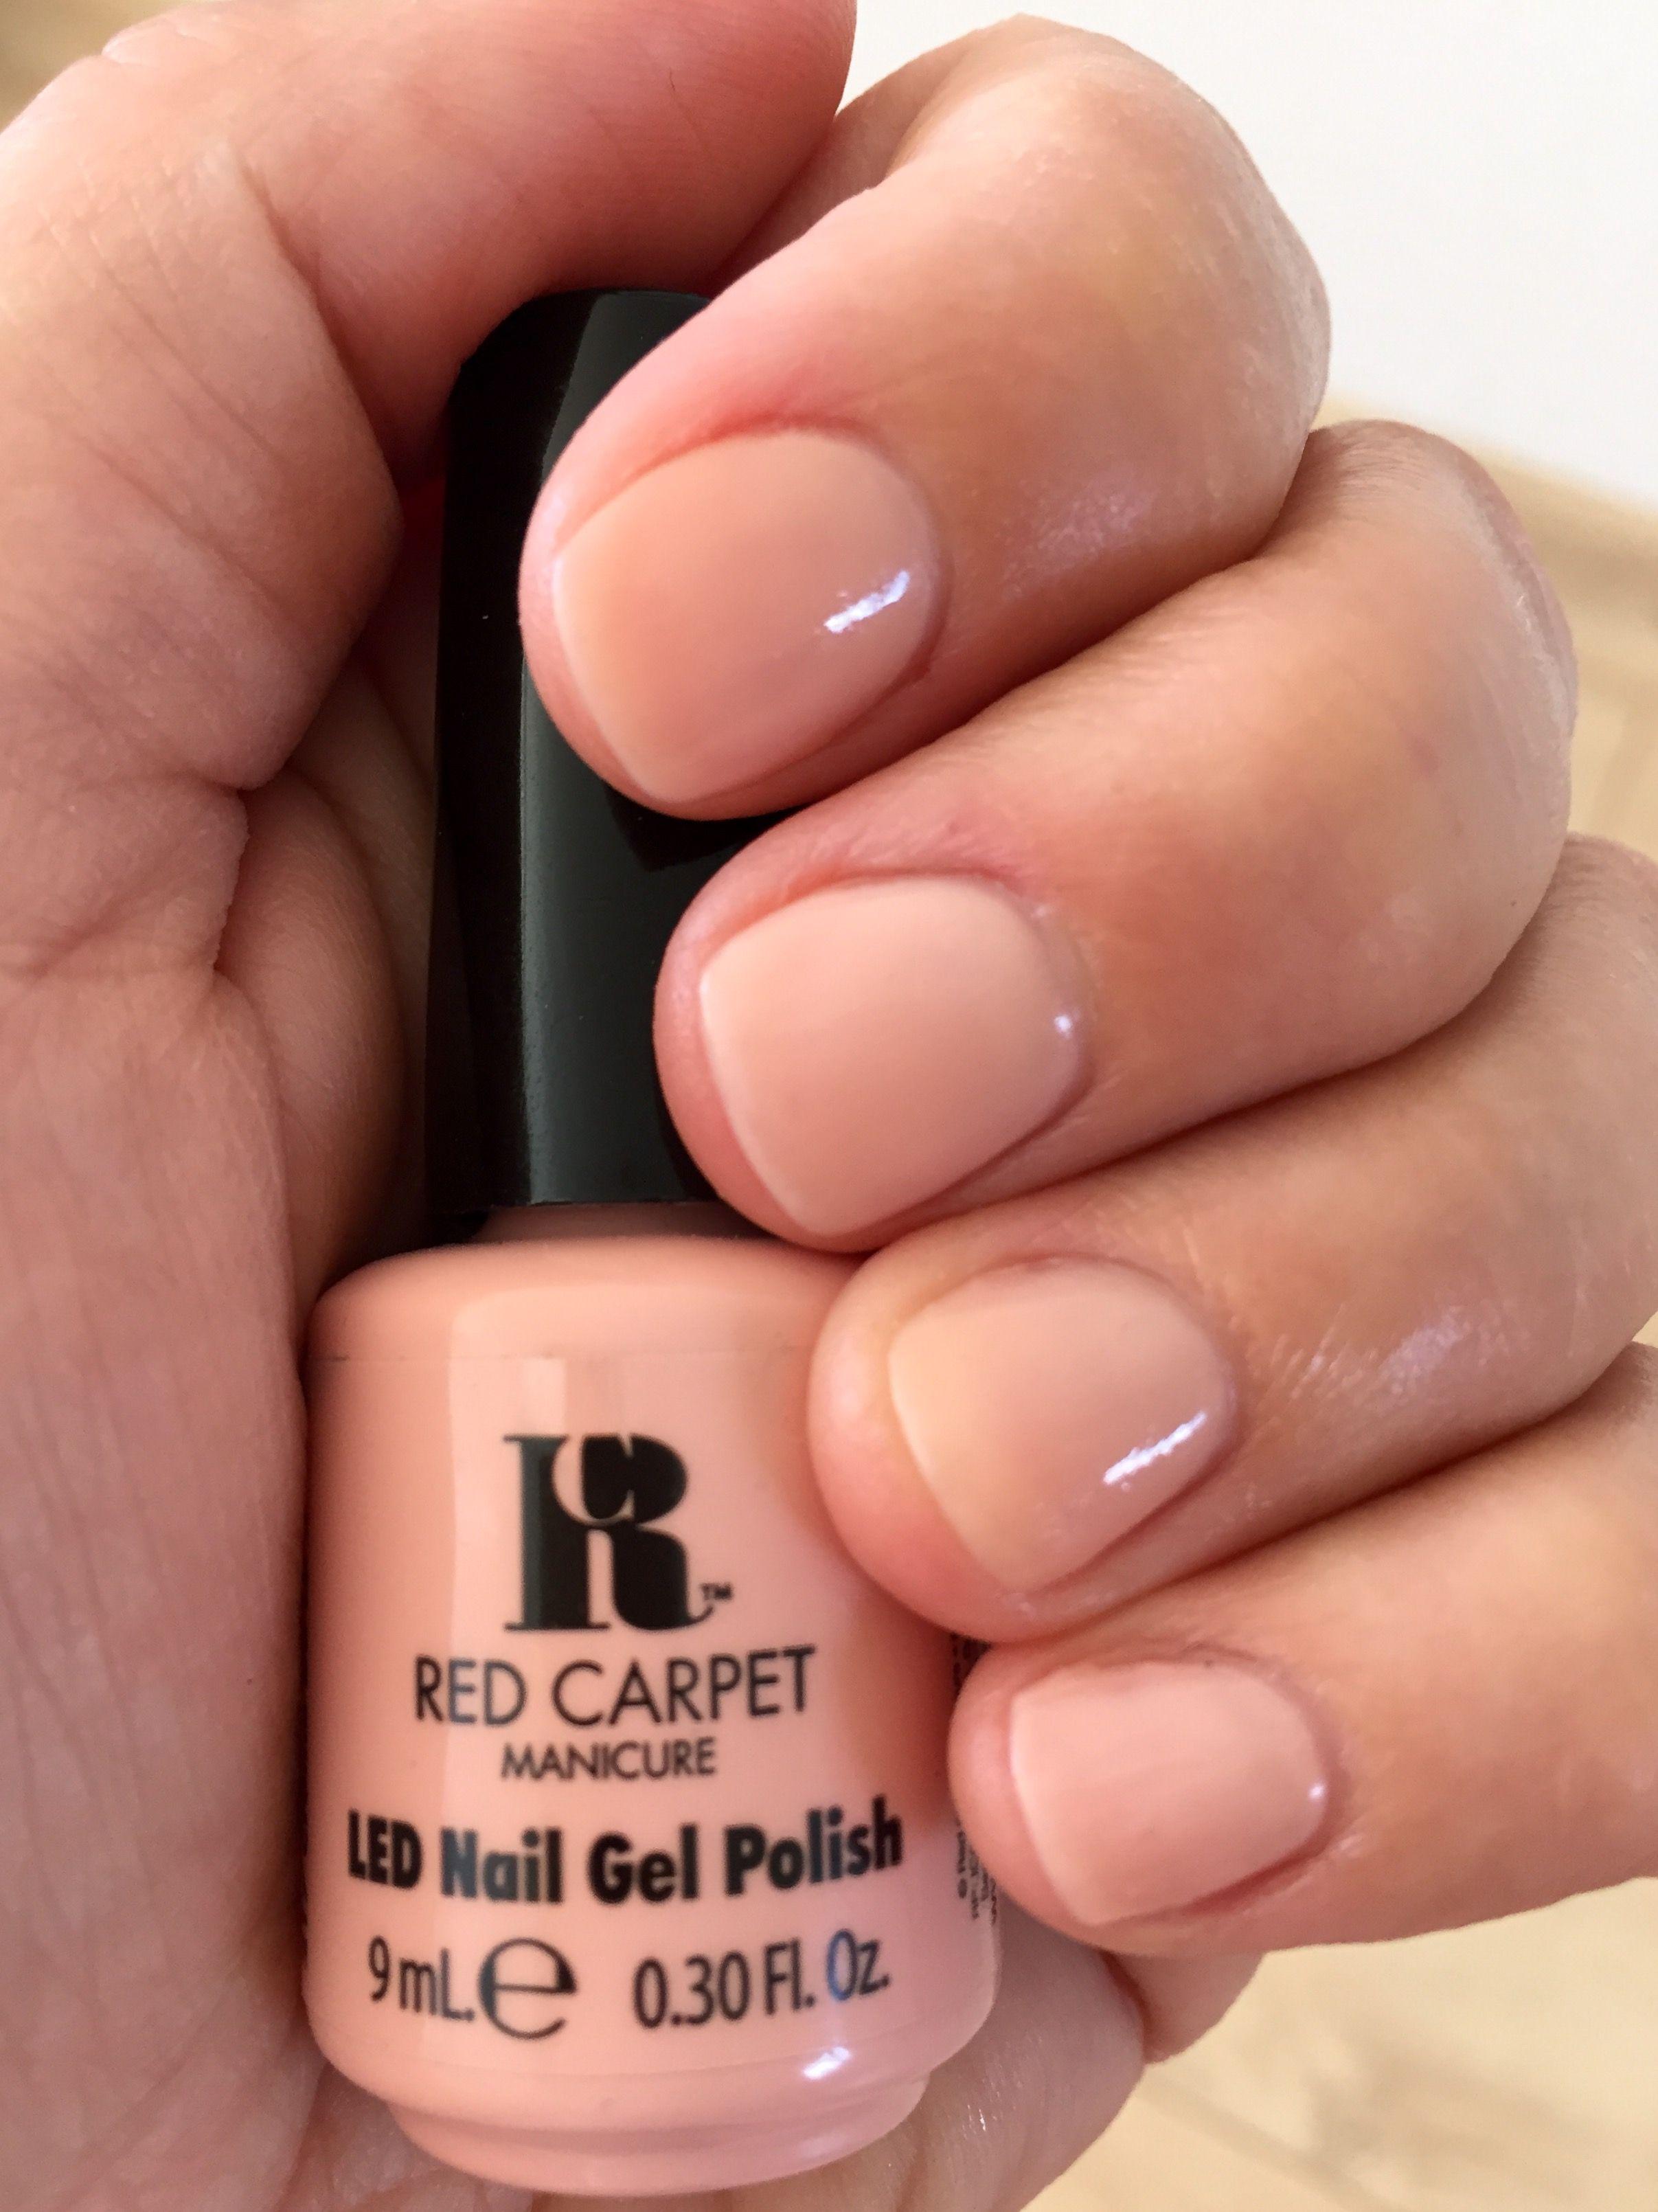 Red Carpet Manicure Créme De La Créme (217) Nude nails | Nails in ...